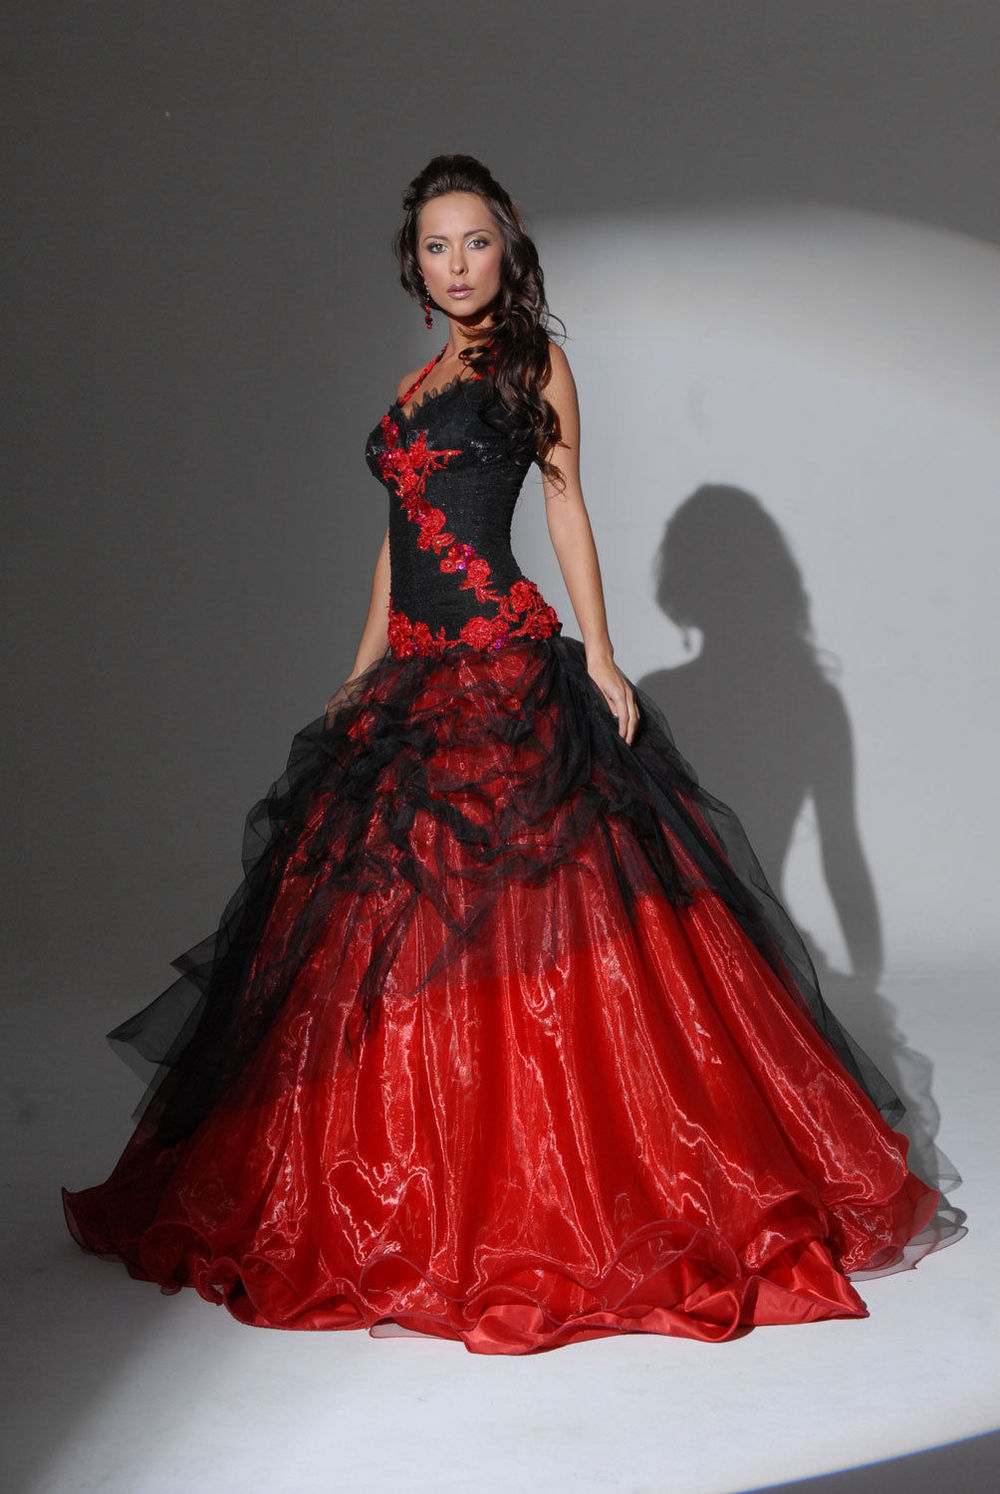 Robe de mariee rouge et noir les tendances de la mode - Robe de mariee rouge et noir ...